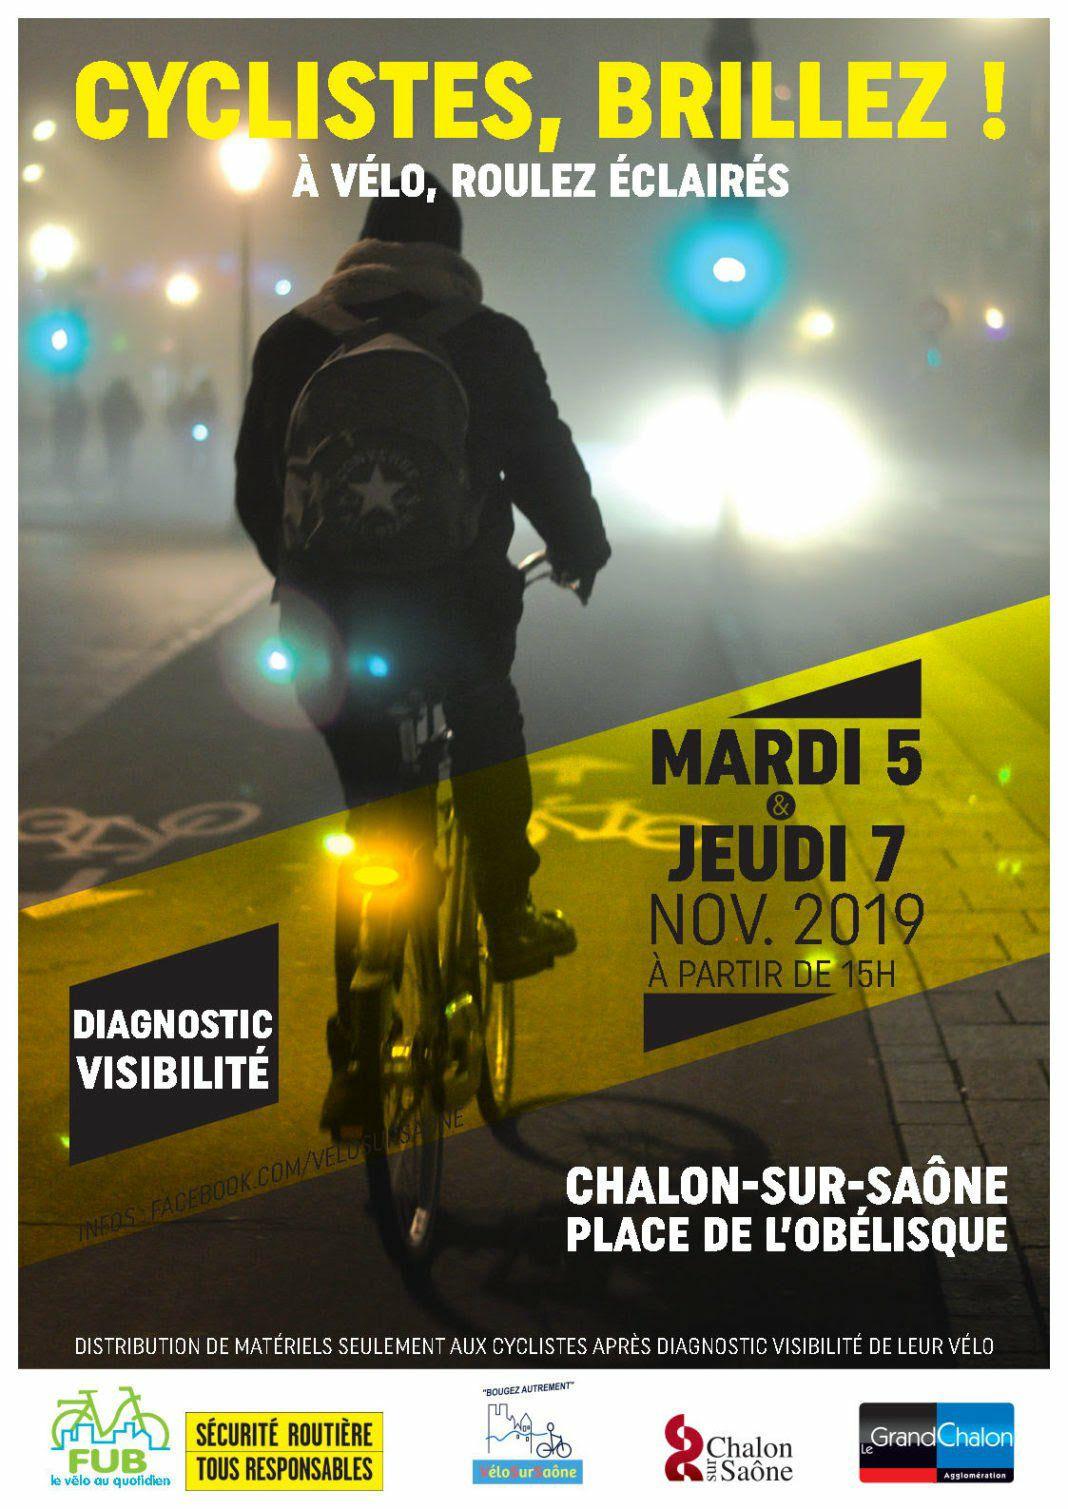 """Opération """"Cyclistes, brillez !"""": Distribution gratuite de kits de visibilité (gilets réfléchissants, de kits d'éclairage)"""